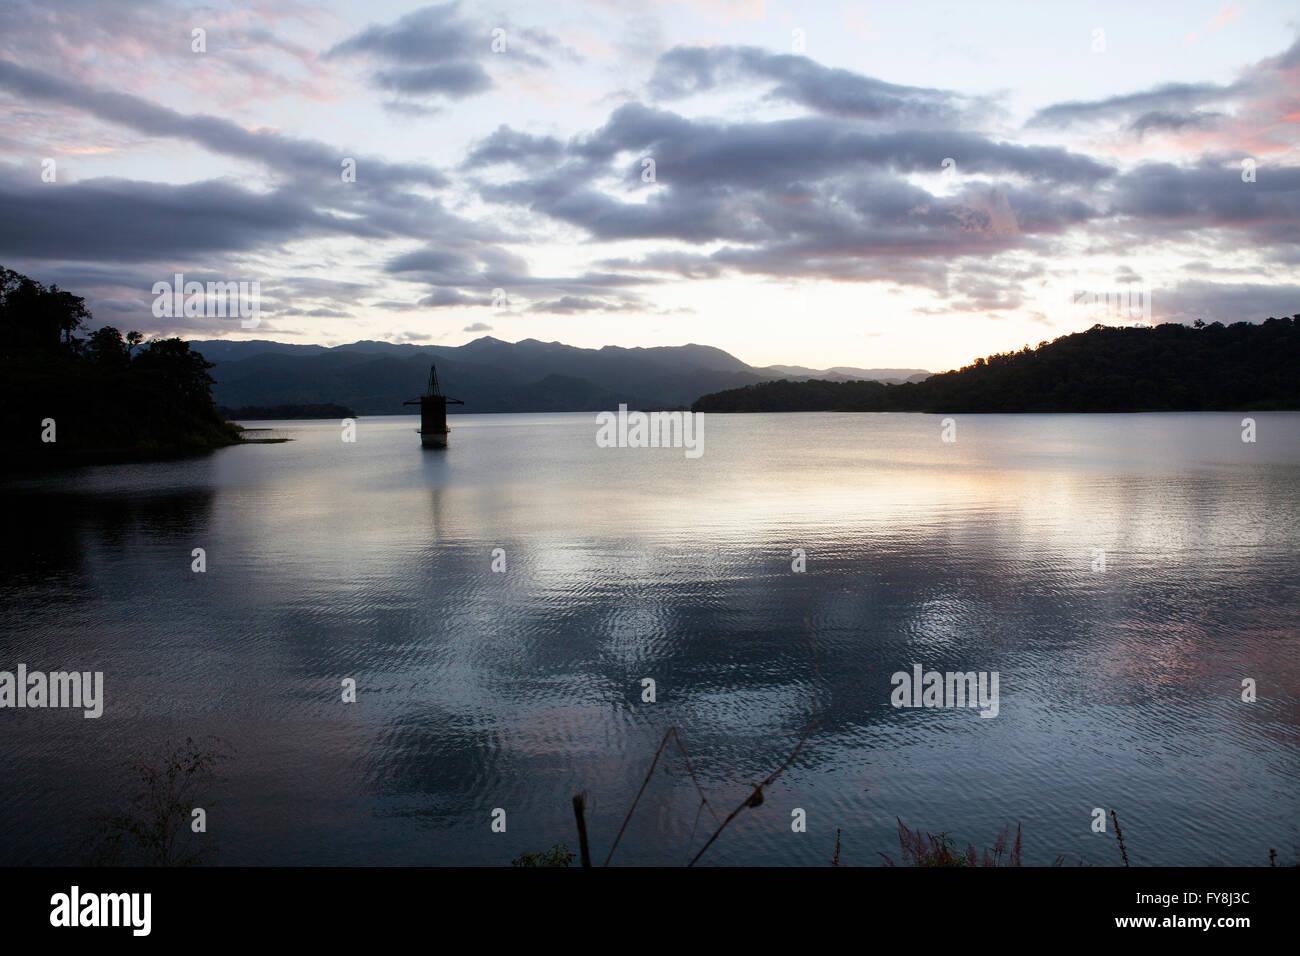 Lake Arenal in La Fortuna, Costa Rica - Stock Image